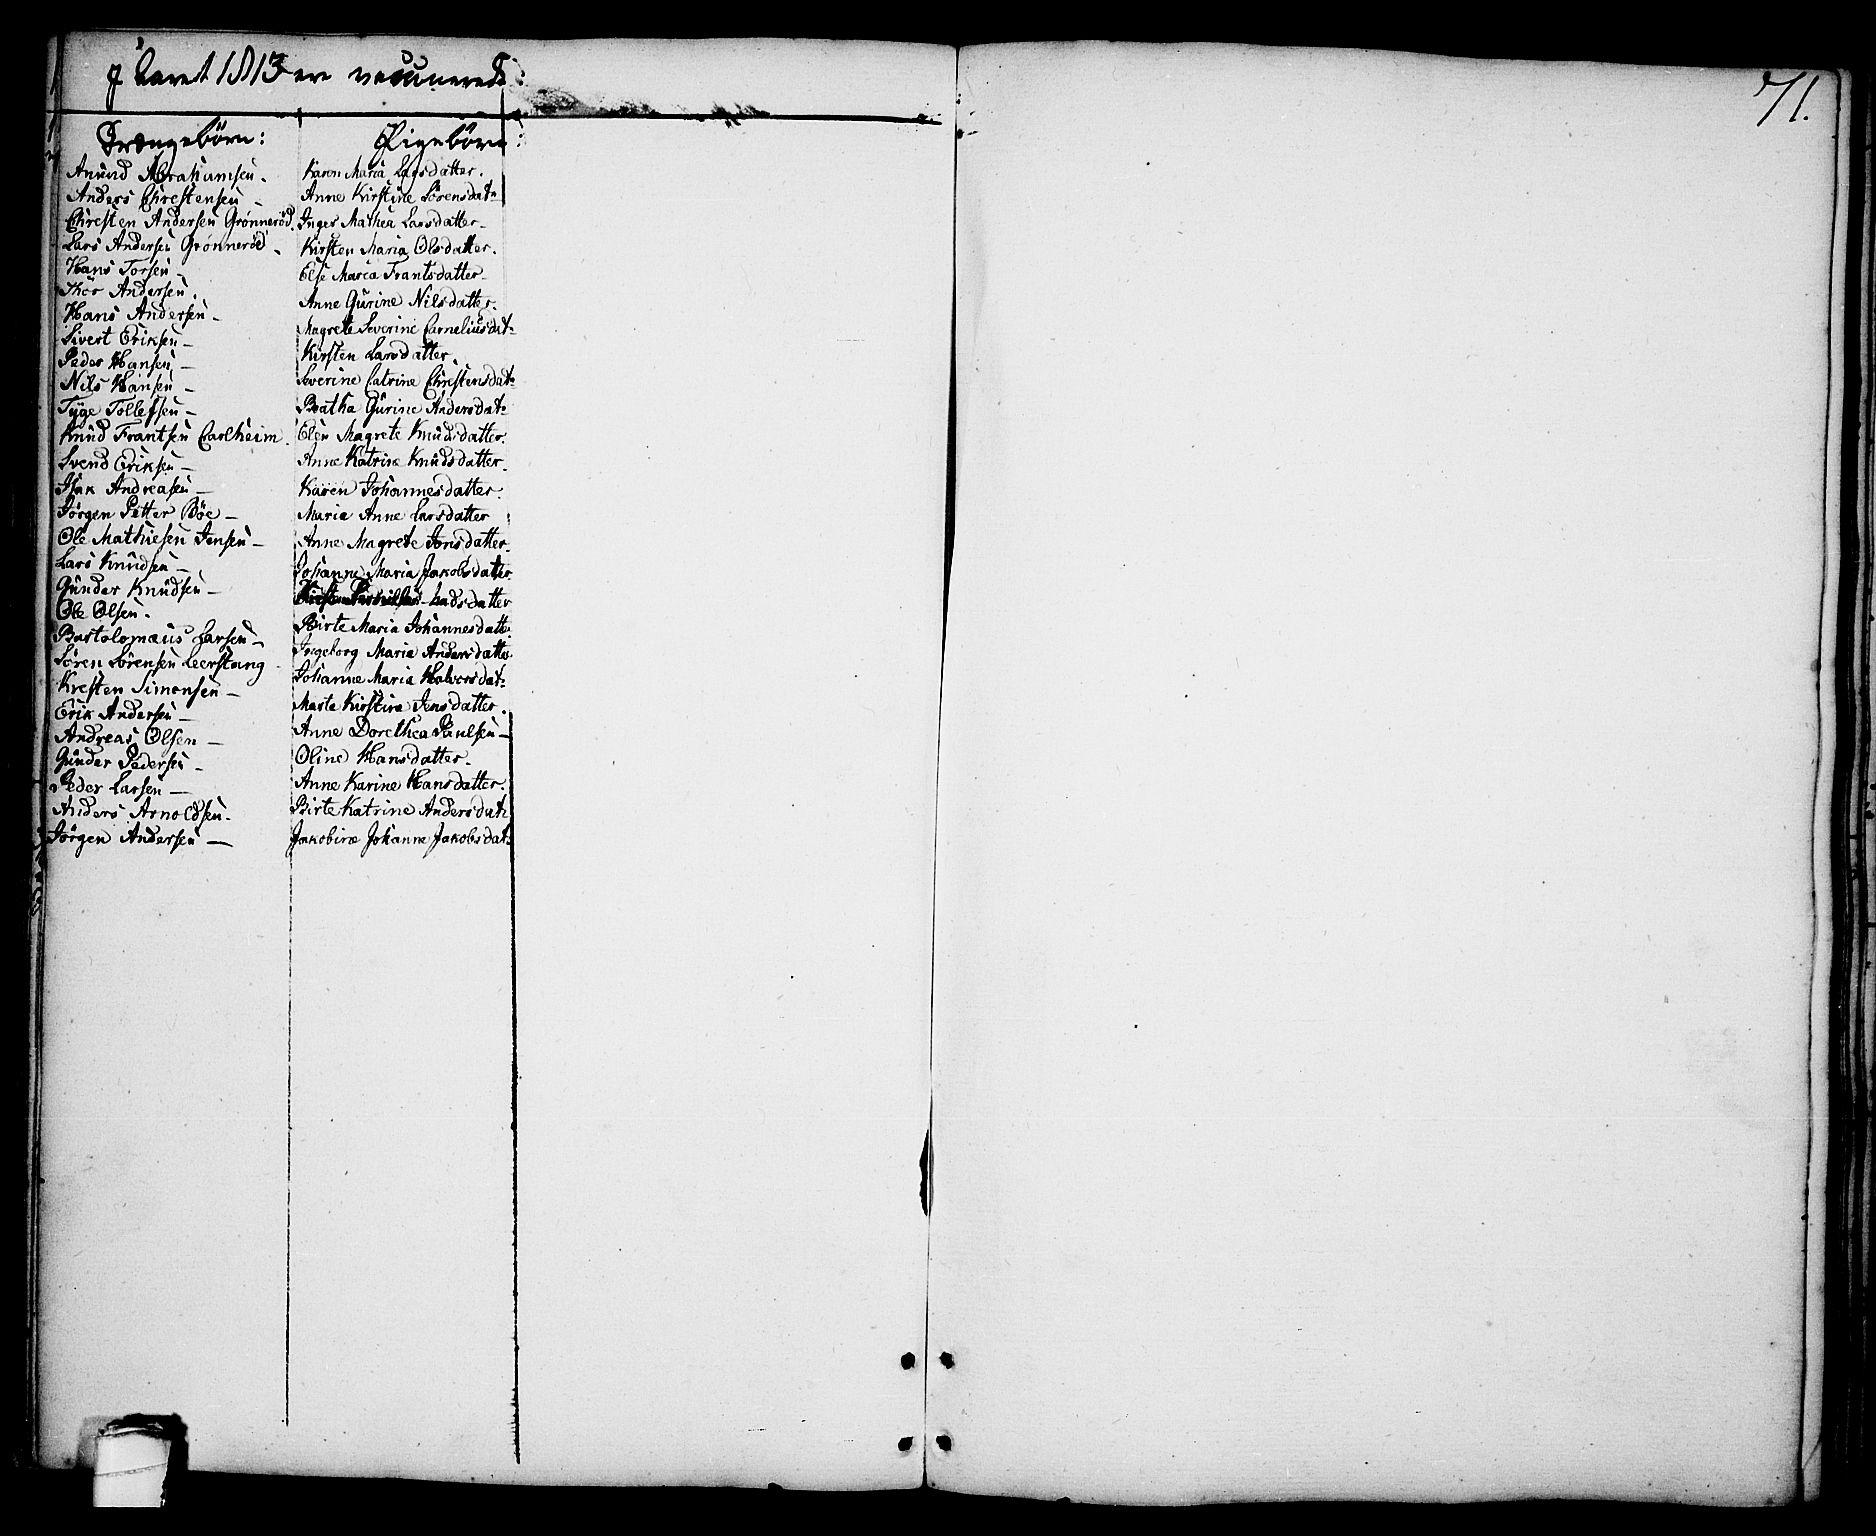 SAKO, Brevik kirkebøker, F/Fa/L0003: Ministerialbok nr. 3, 1764-1814, s. 71